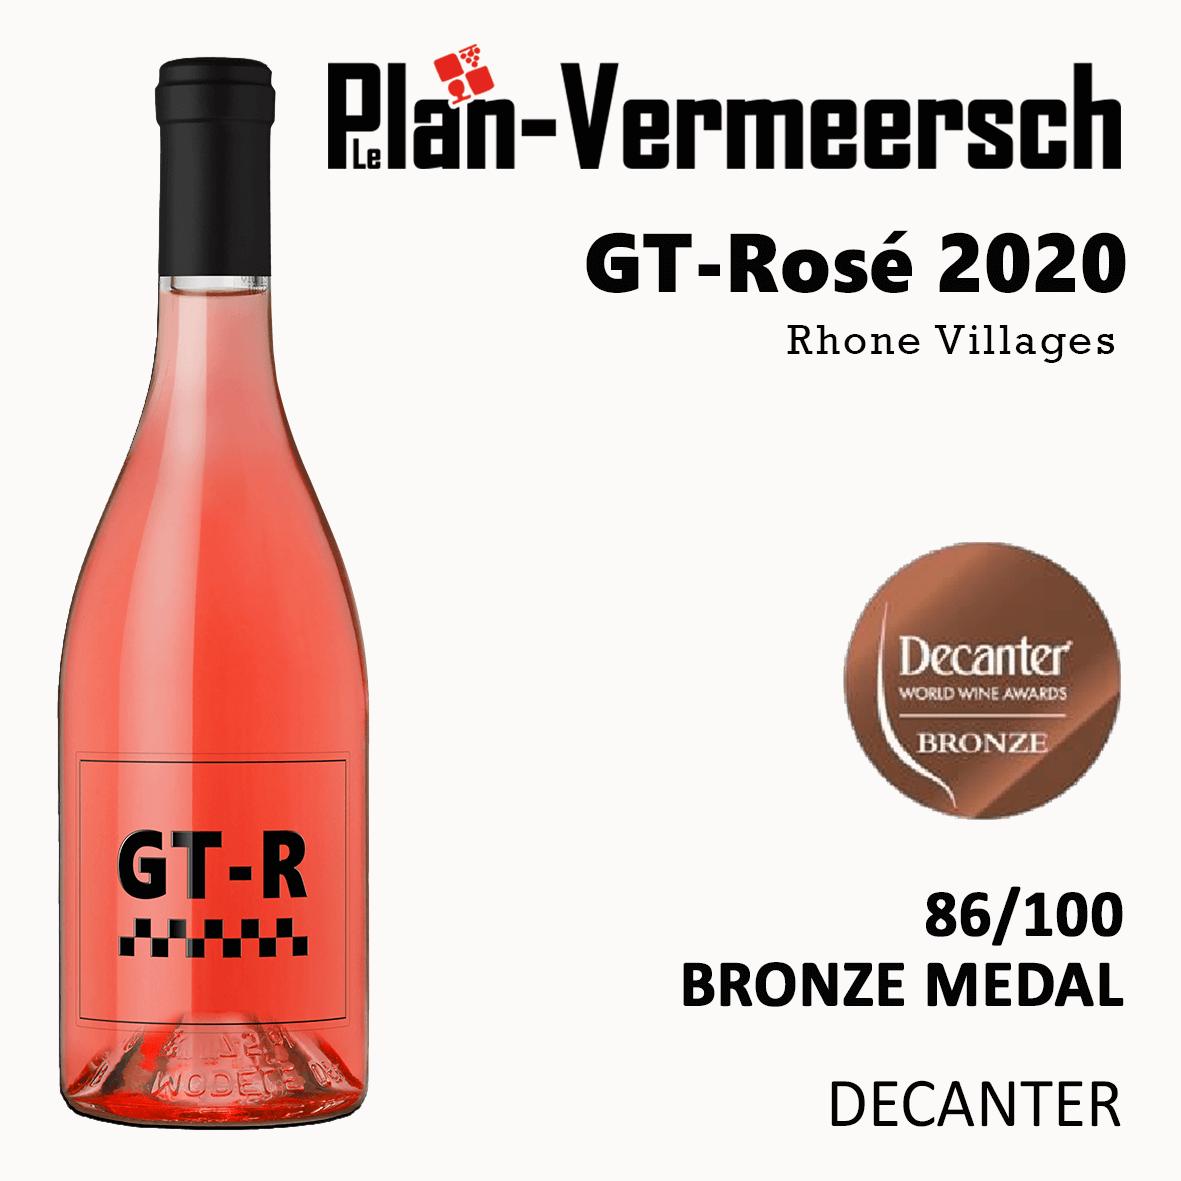 Bottle wine blend Grenache Mourvèdre GT-Rose bronze medal Decanter LePlan-Vermmersch